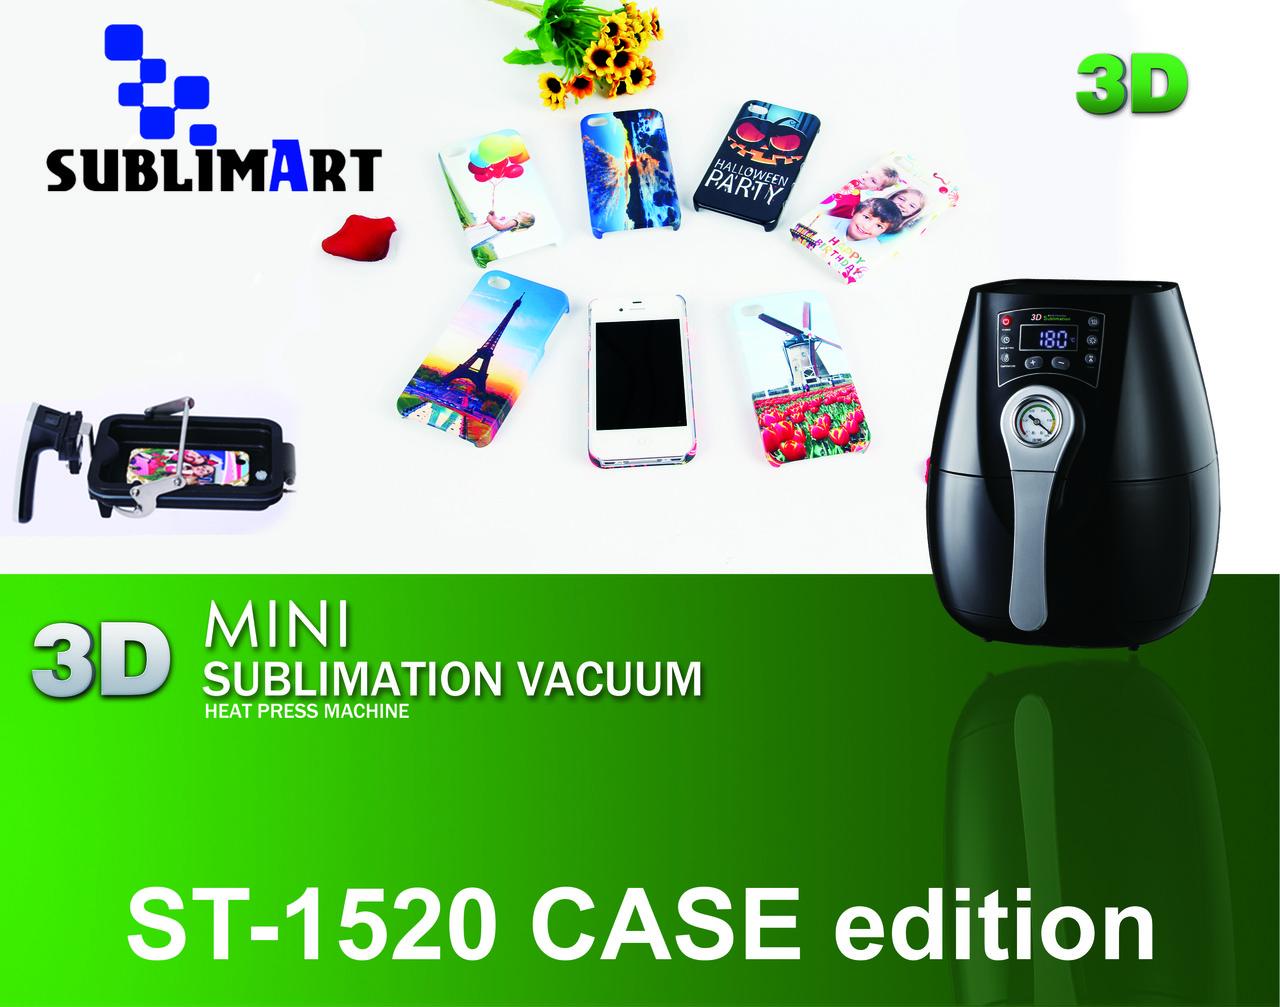 Сублимационный вакуумный настольный 3D термопресс ST-1520 CASE edition